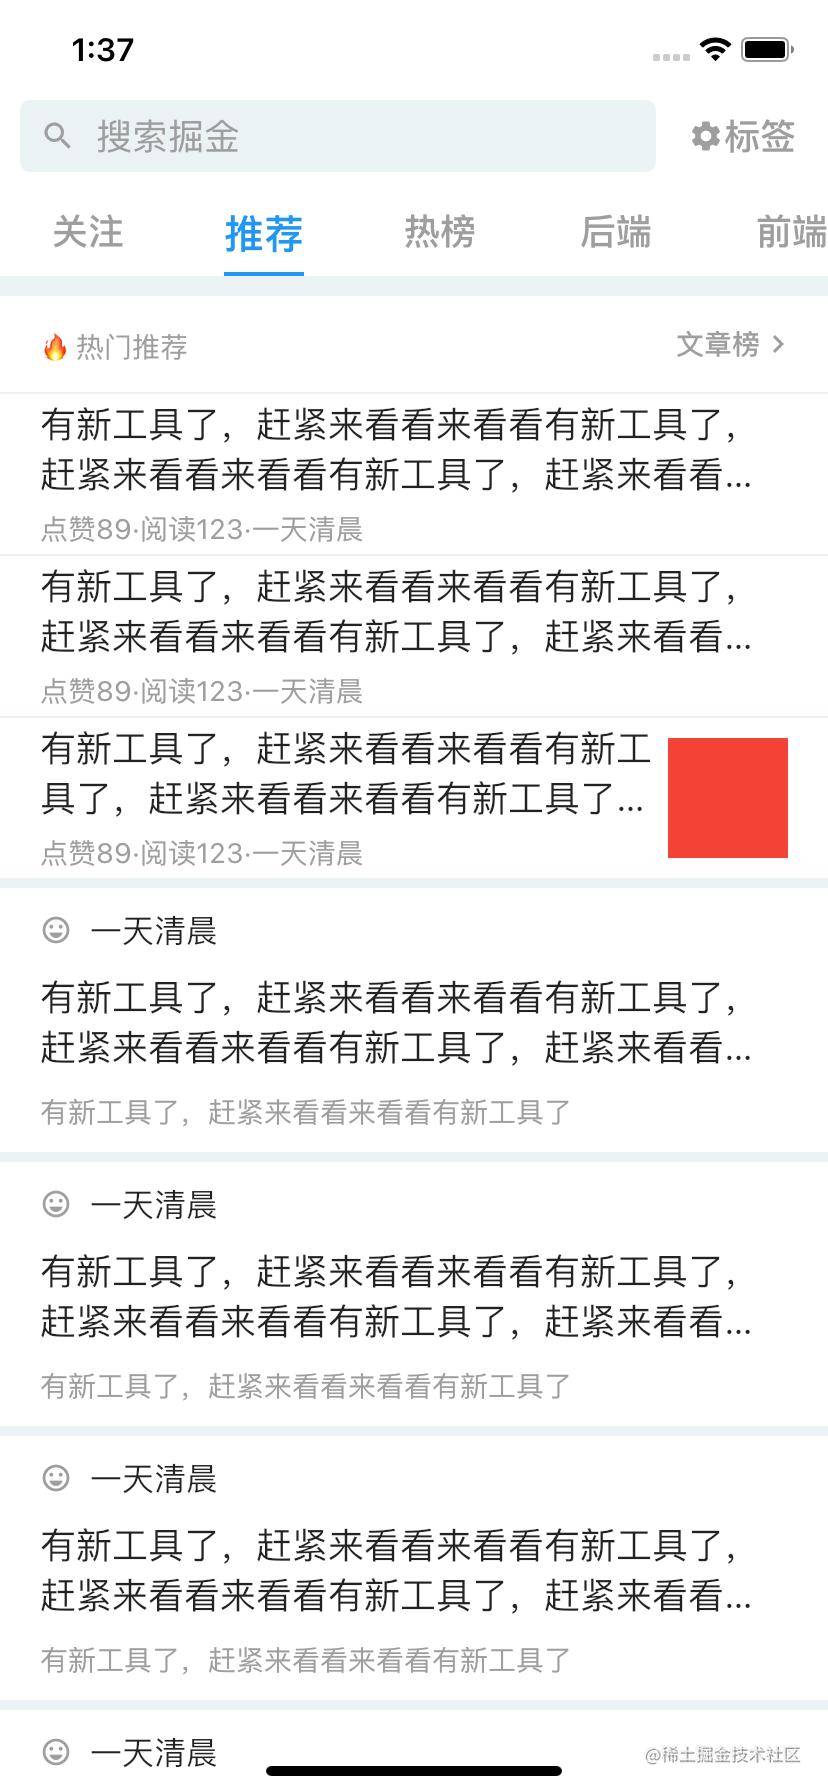 Simulator Screen Shot - iPhone 11 - 2021-03-15 at 13.37.17.png